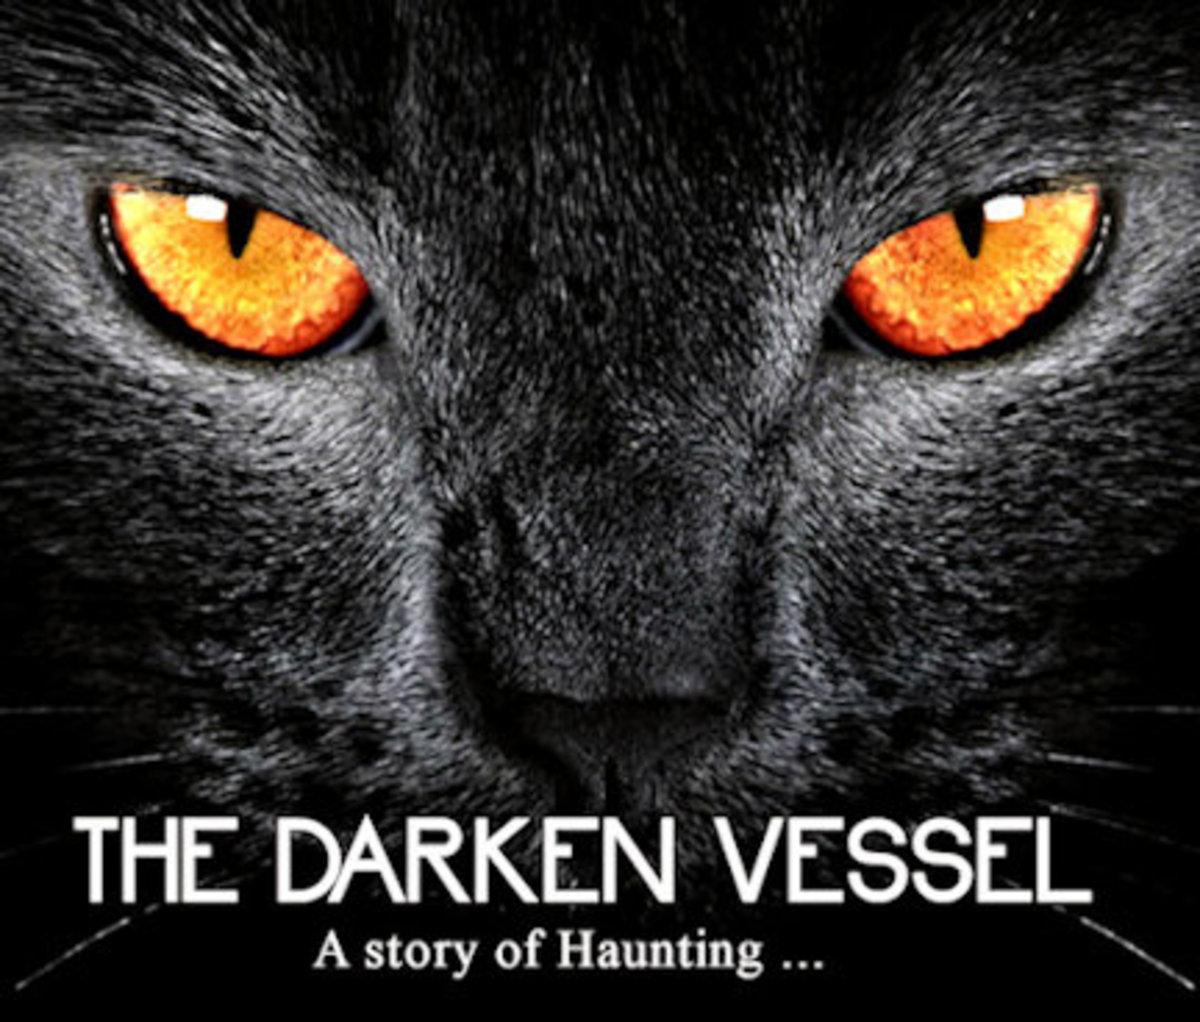 The Darken Vessel 4